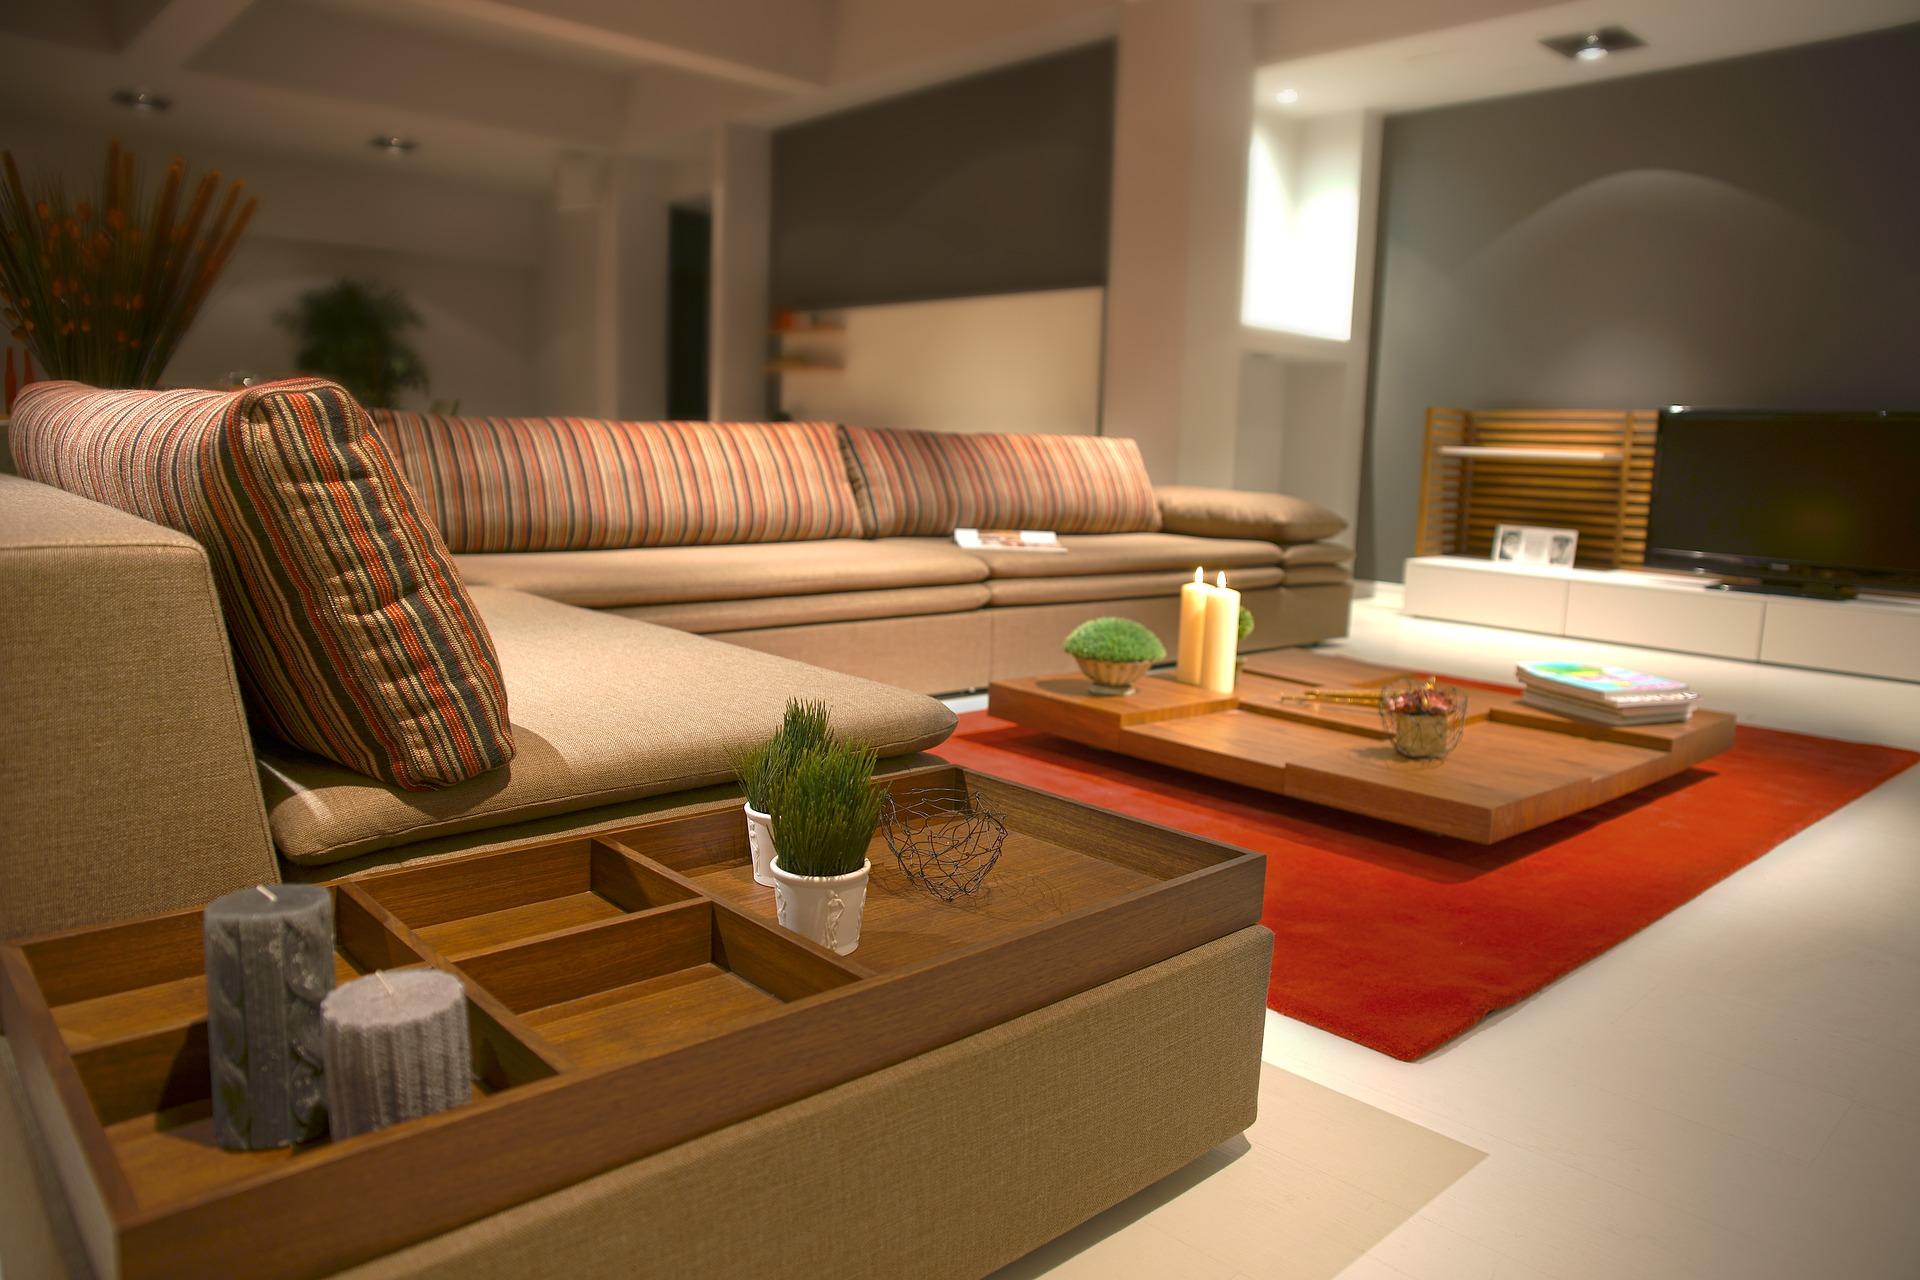 Aumento Valore Immobile Ristrutturato aumentare il valore della tua casa: come fare? | blog sim